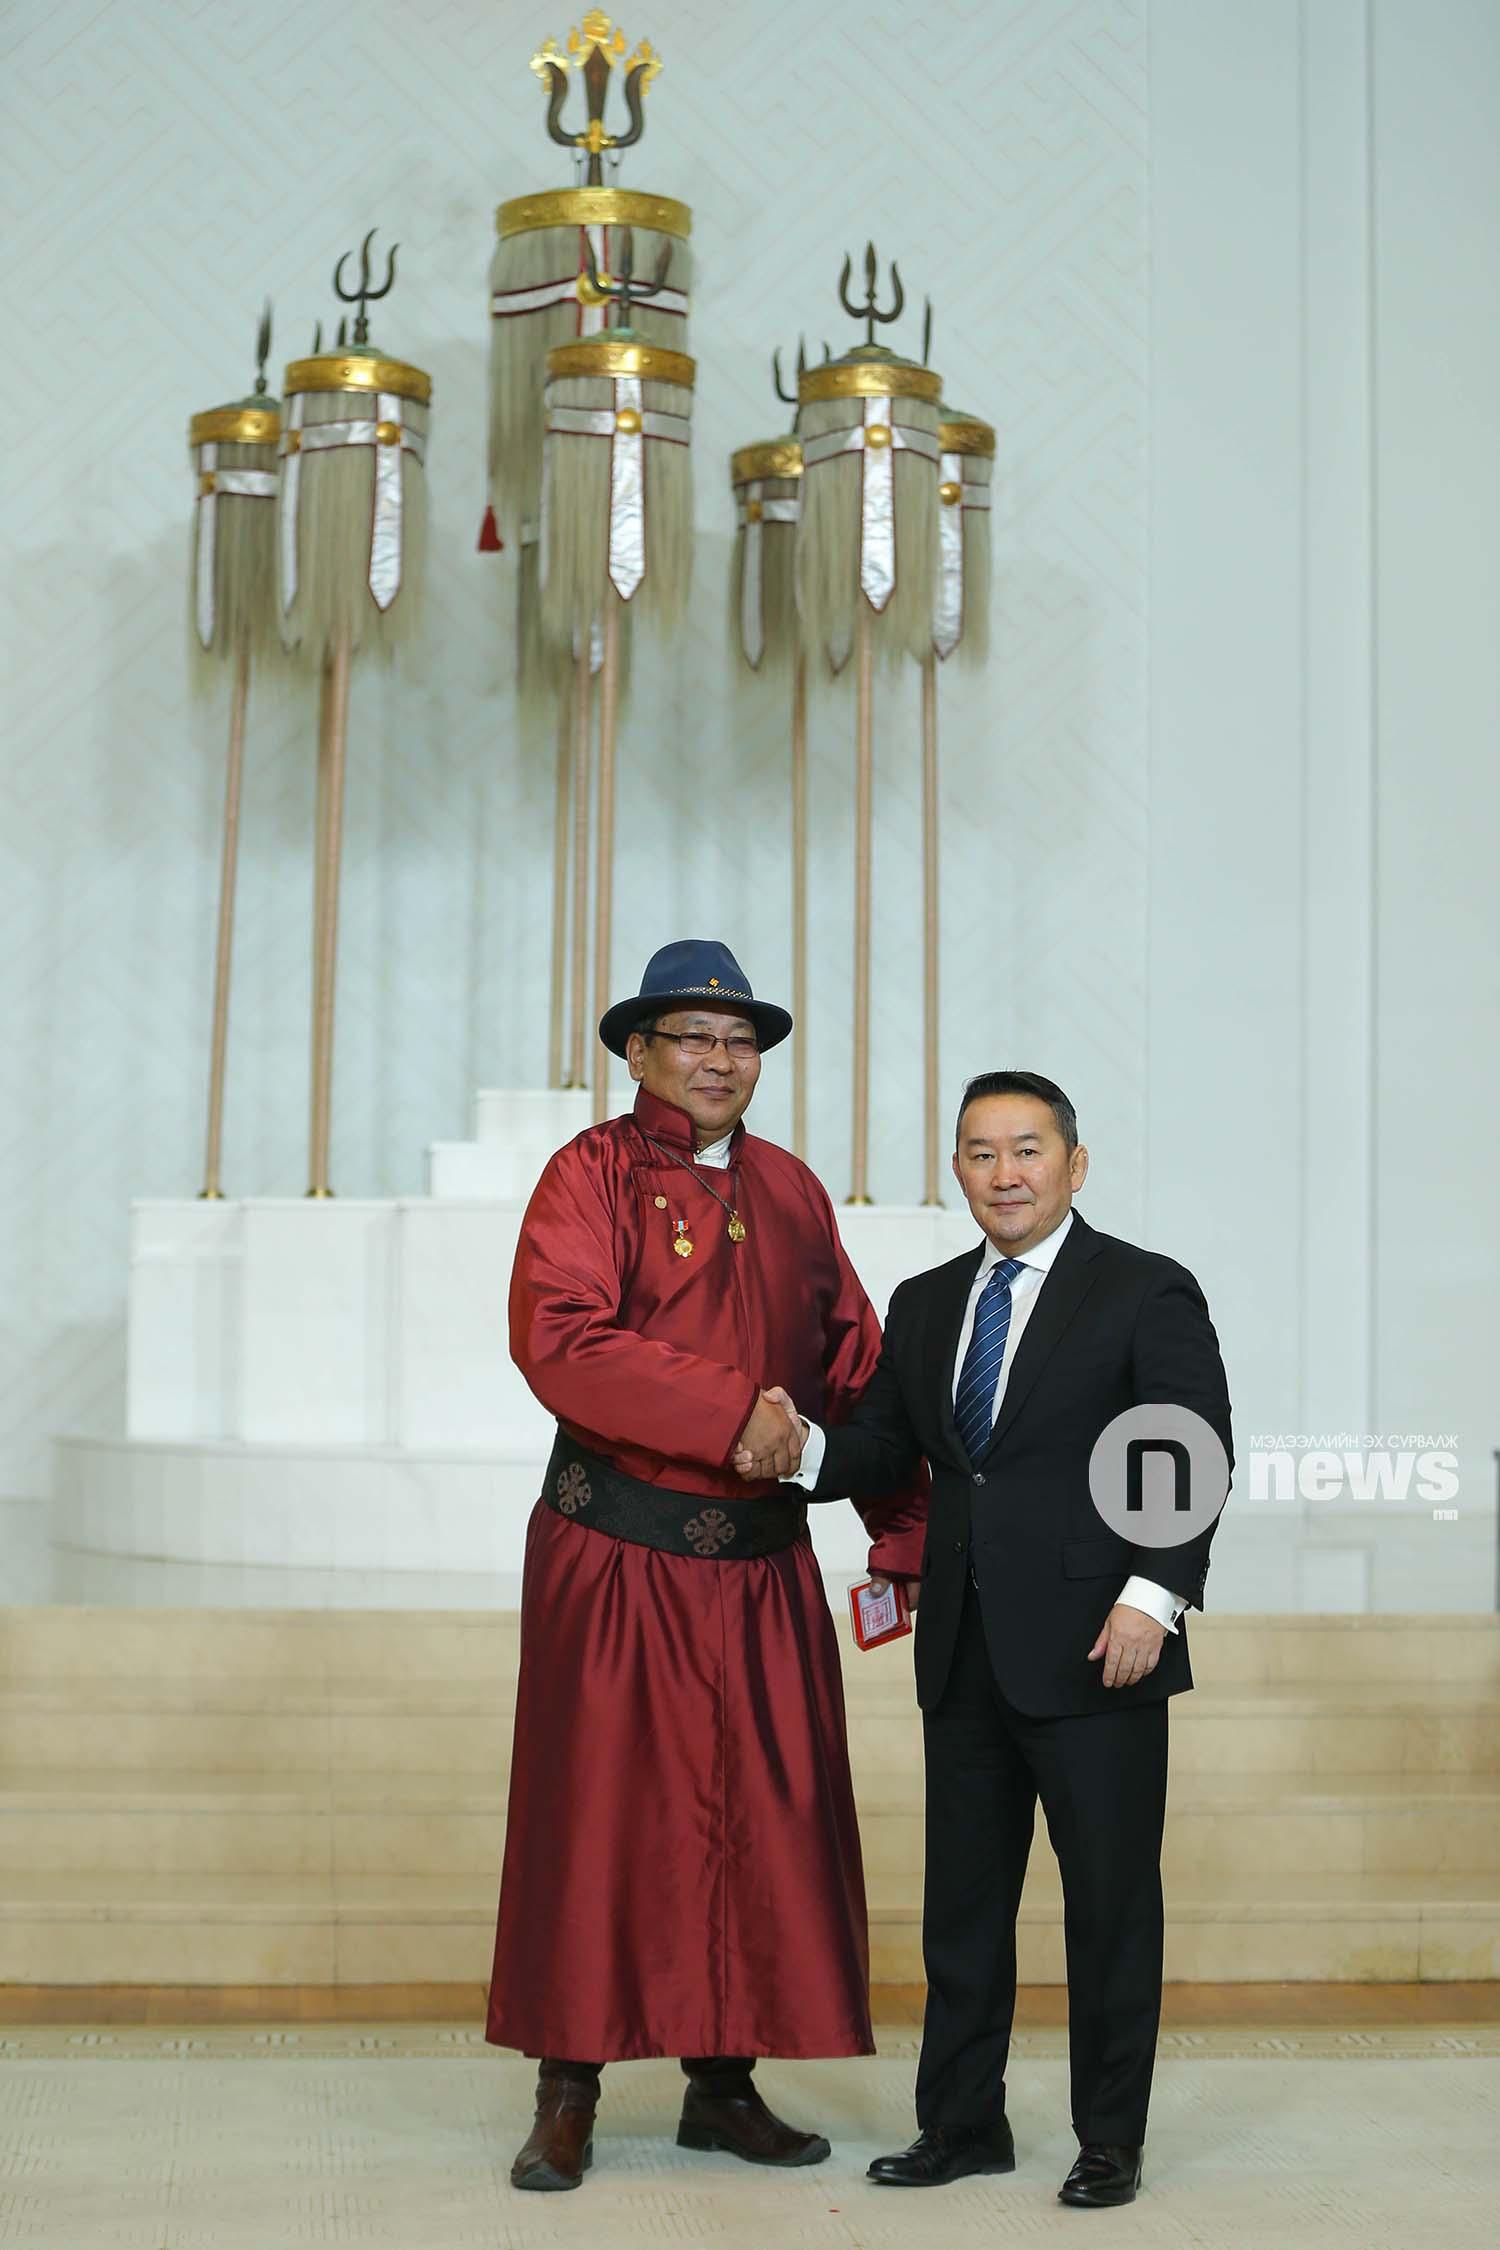 Монгол Улсын Ерөнхийлөгчийн зарлигаар Төрийн дээд одон, медаль гардуулах ёслол (7)